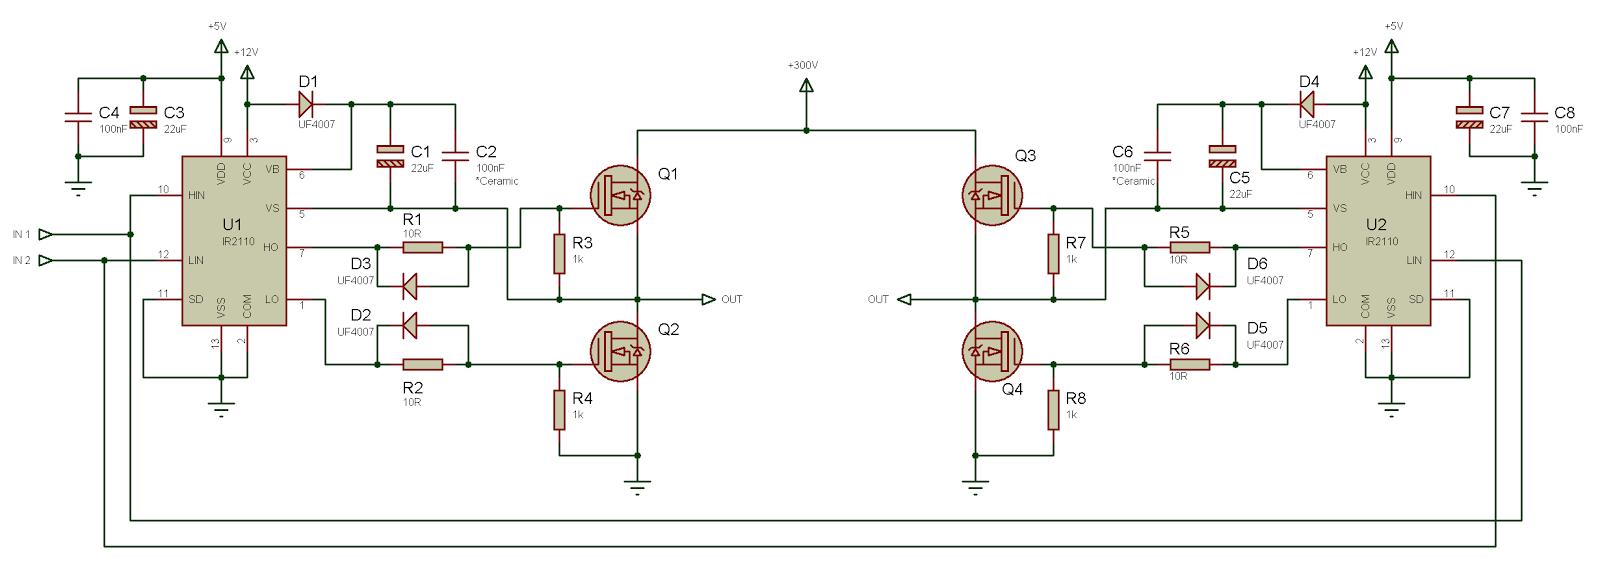 Использование драйвера ключей нижнего и верхнего уровней IR2110 — объяснение и примеры схем - 9